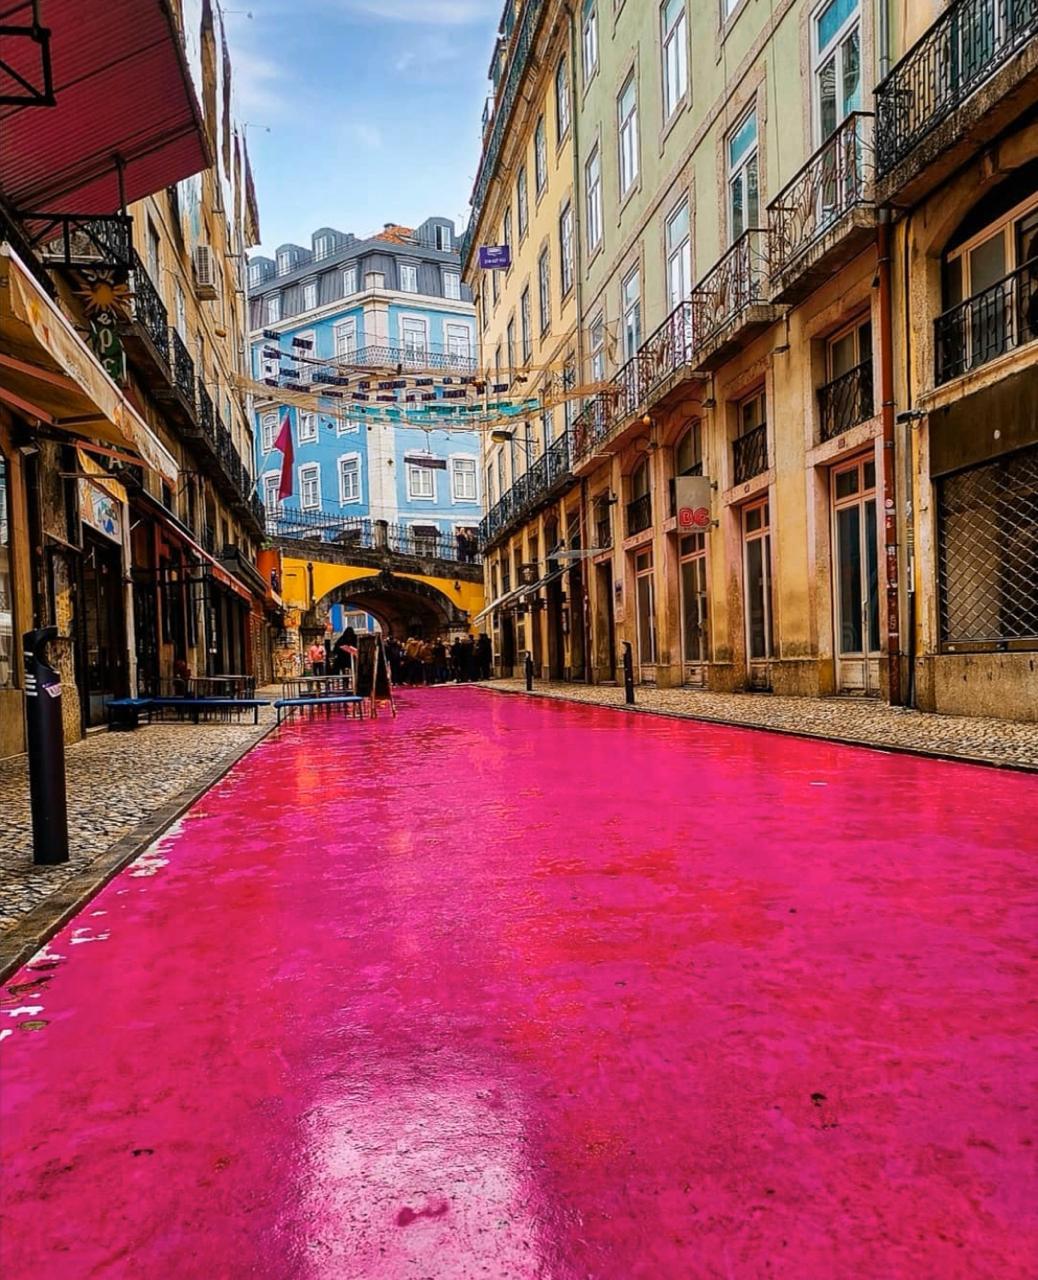 The Pink Street - Top 13 Instagram Spots In Lisbon